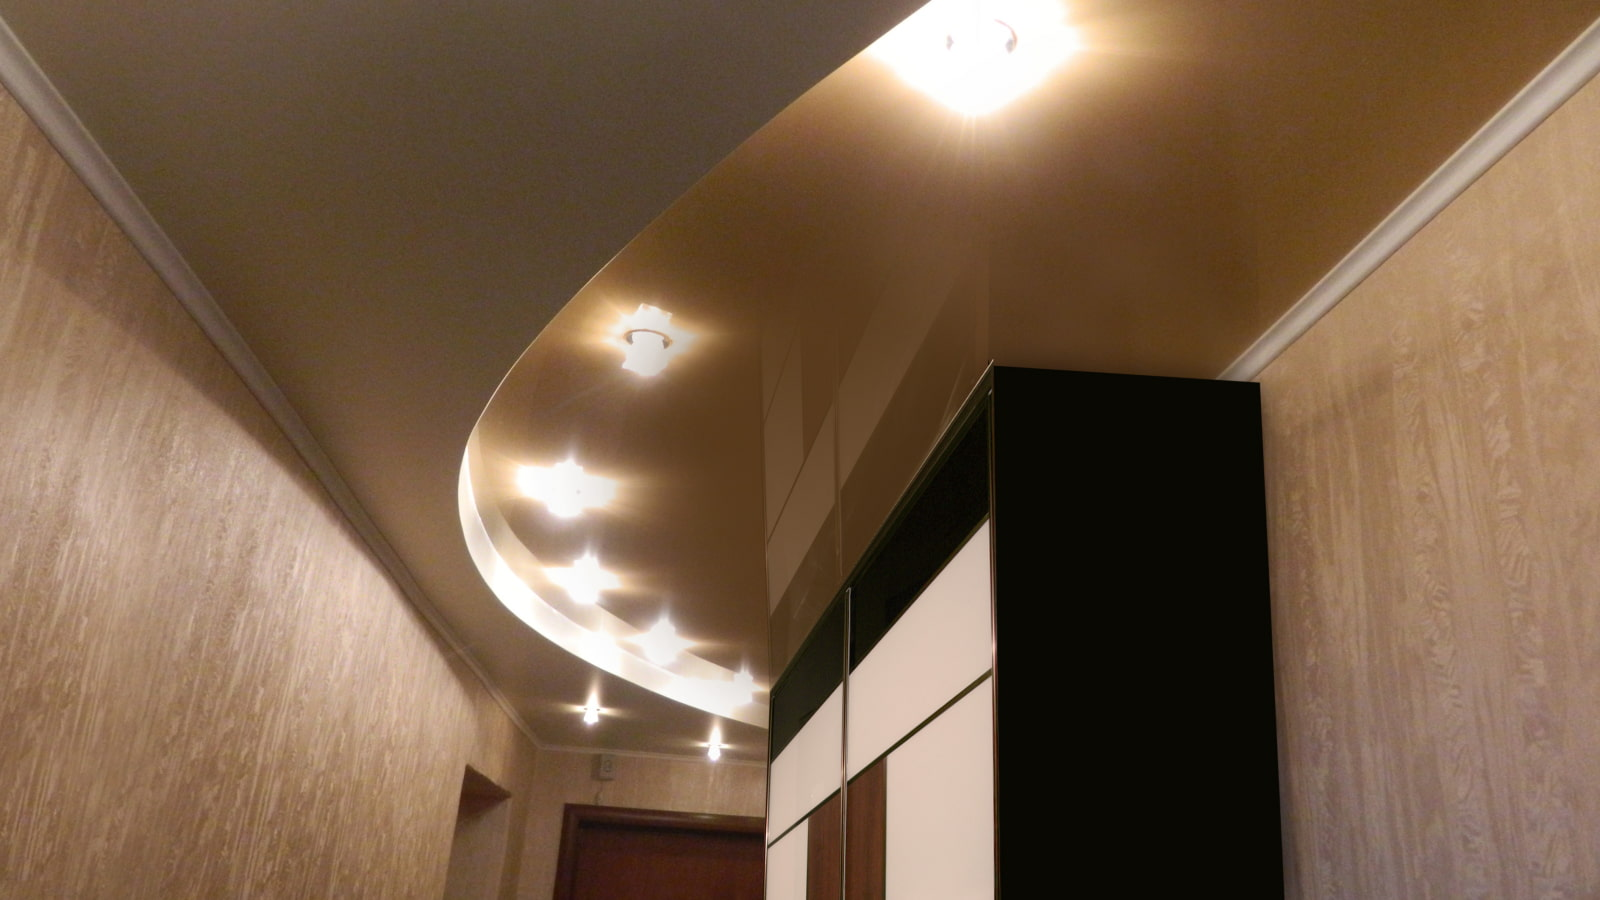 натяжной потолок в коридоре интерьер